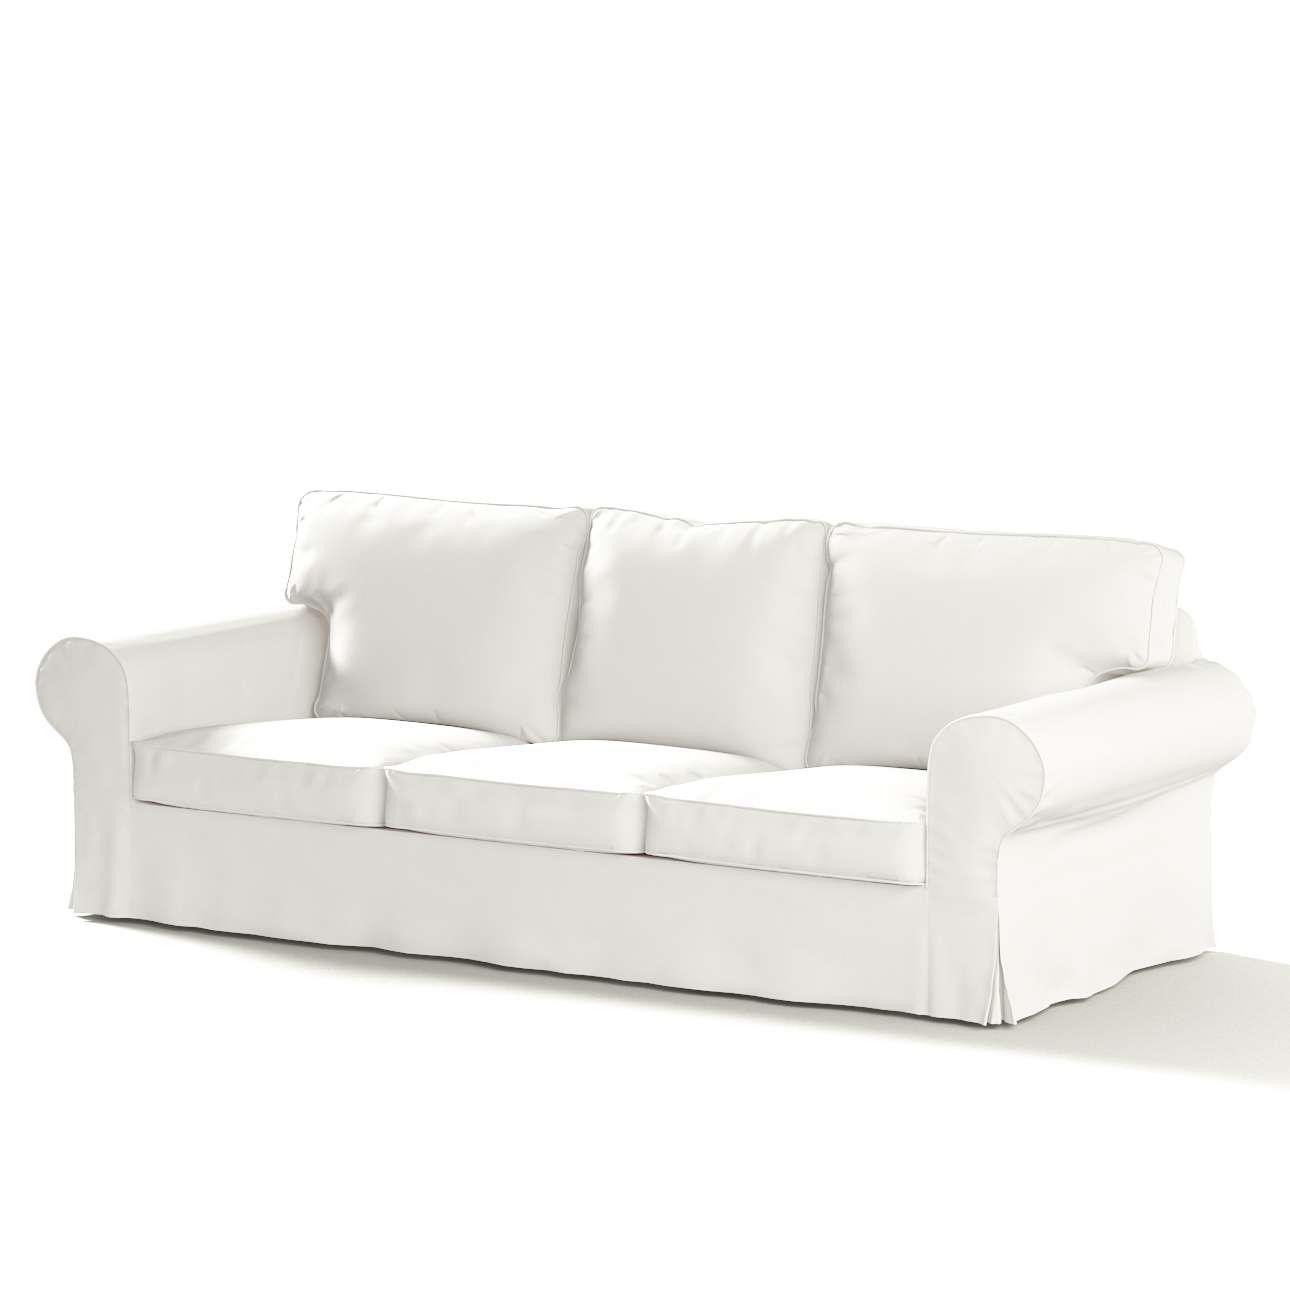 Ektorp betræk 3 sæder sovesofa uden boks fra kollektionen Cotton Panama, Stof: 702-34